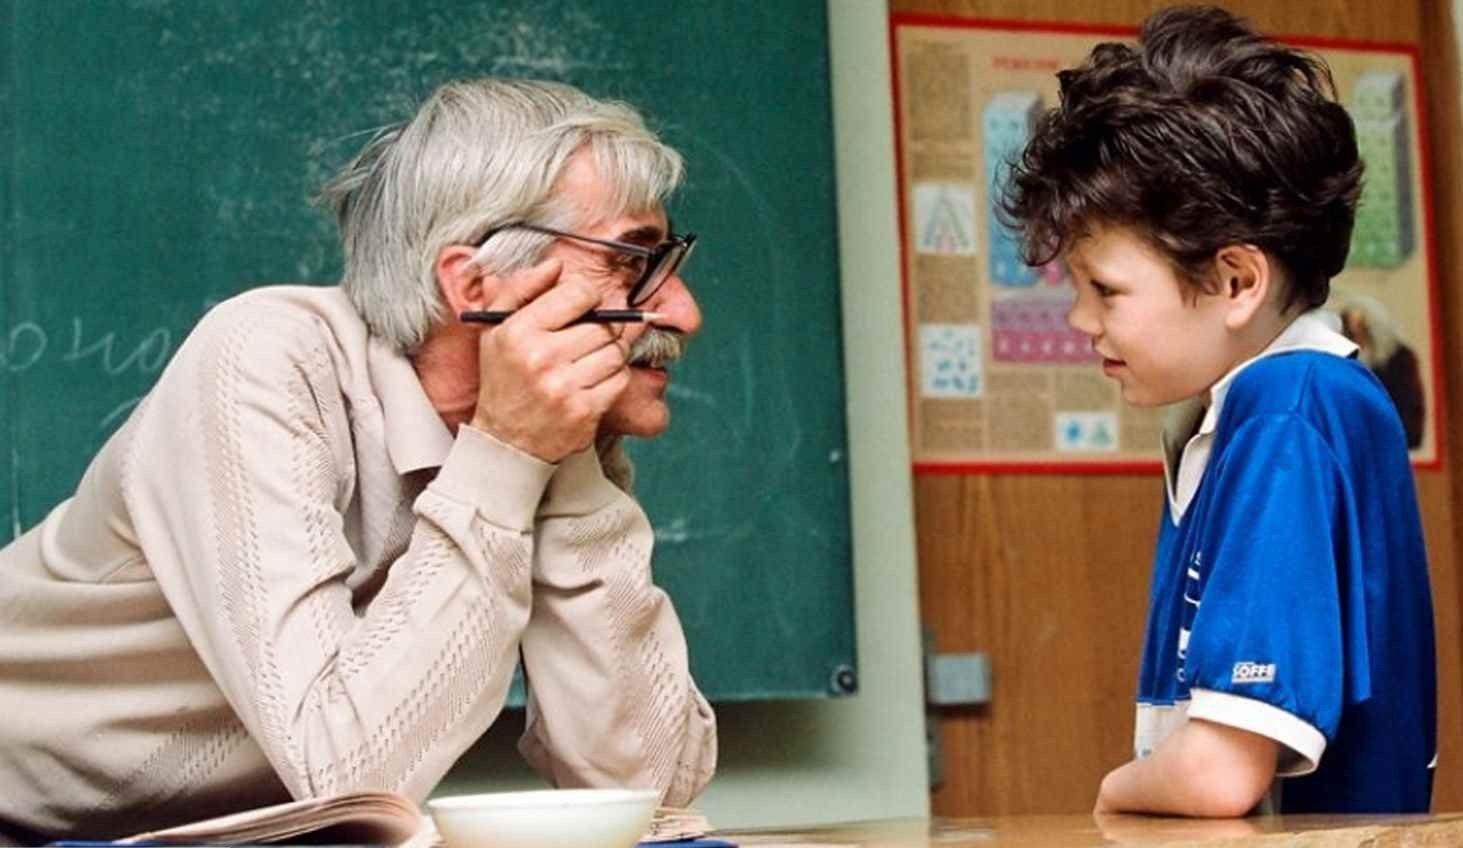 На случай коронавируса: учителей-пенсионеров и детей хотят страховать «фото»